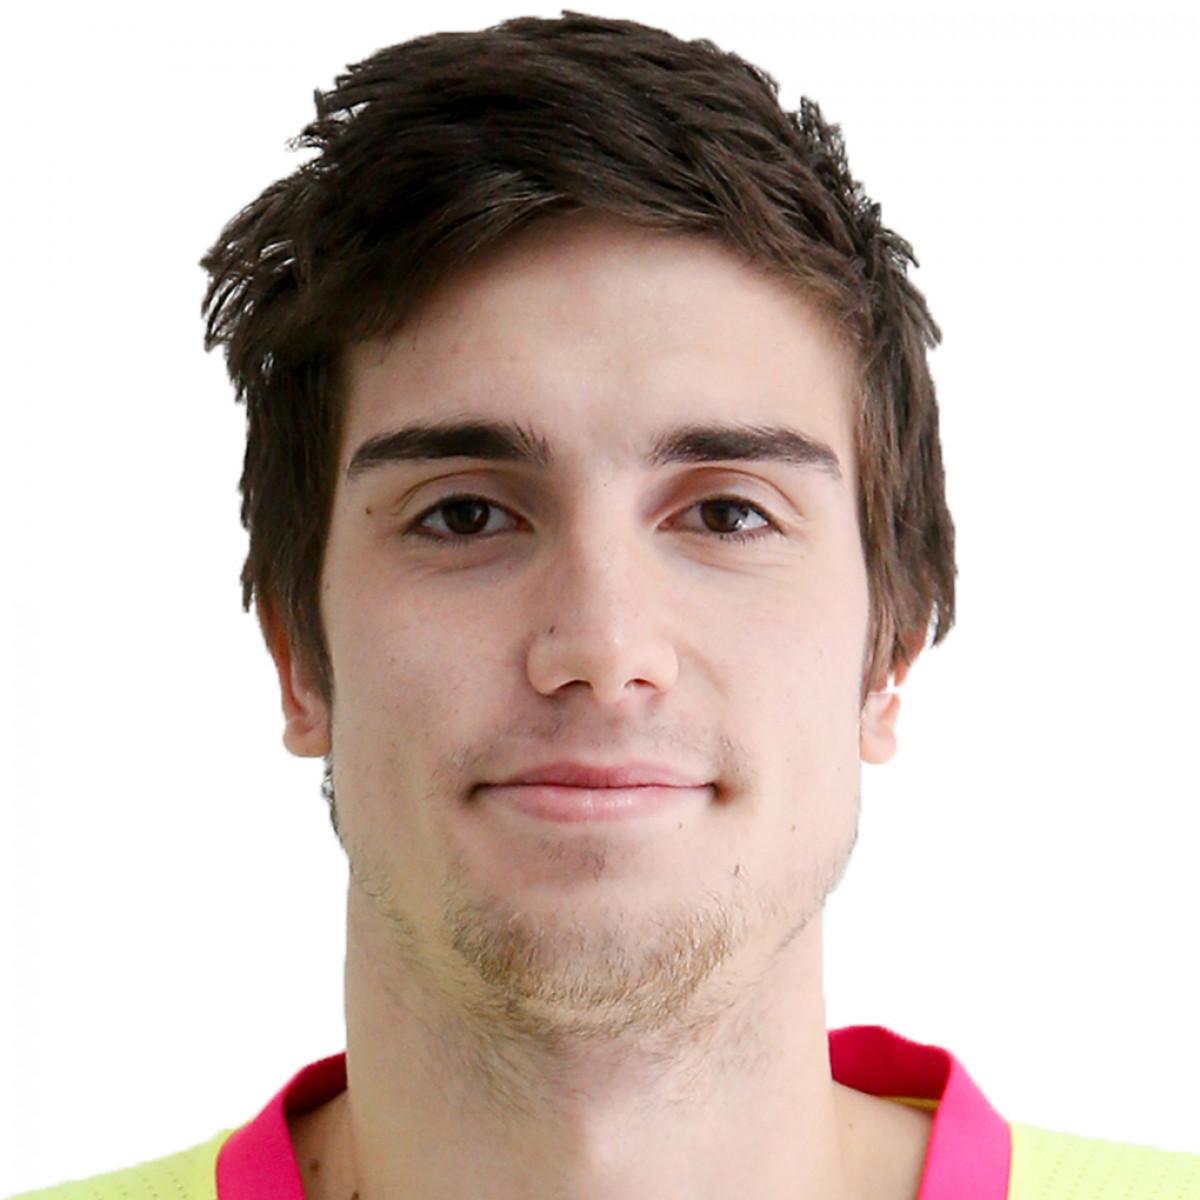 Nikola Miskovic